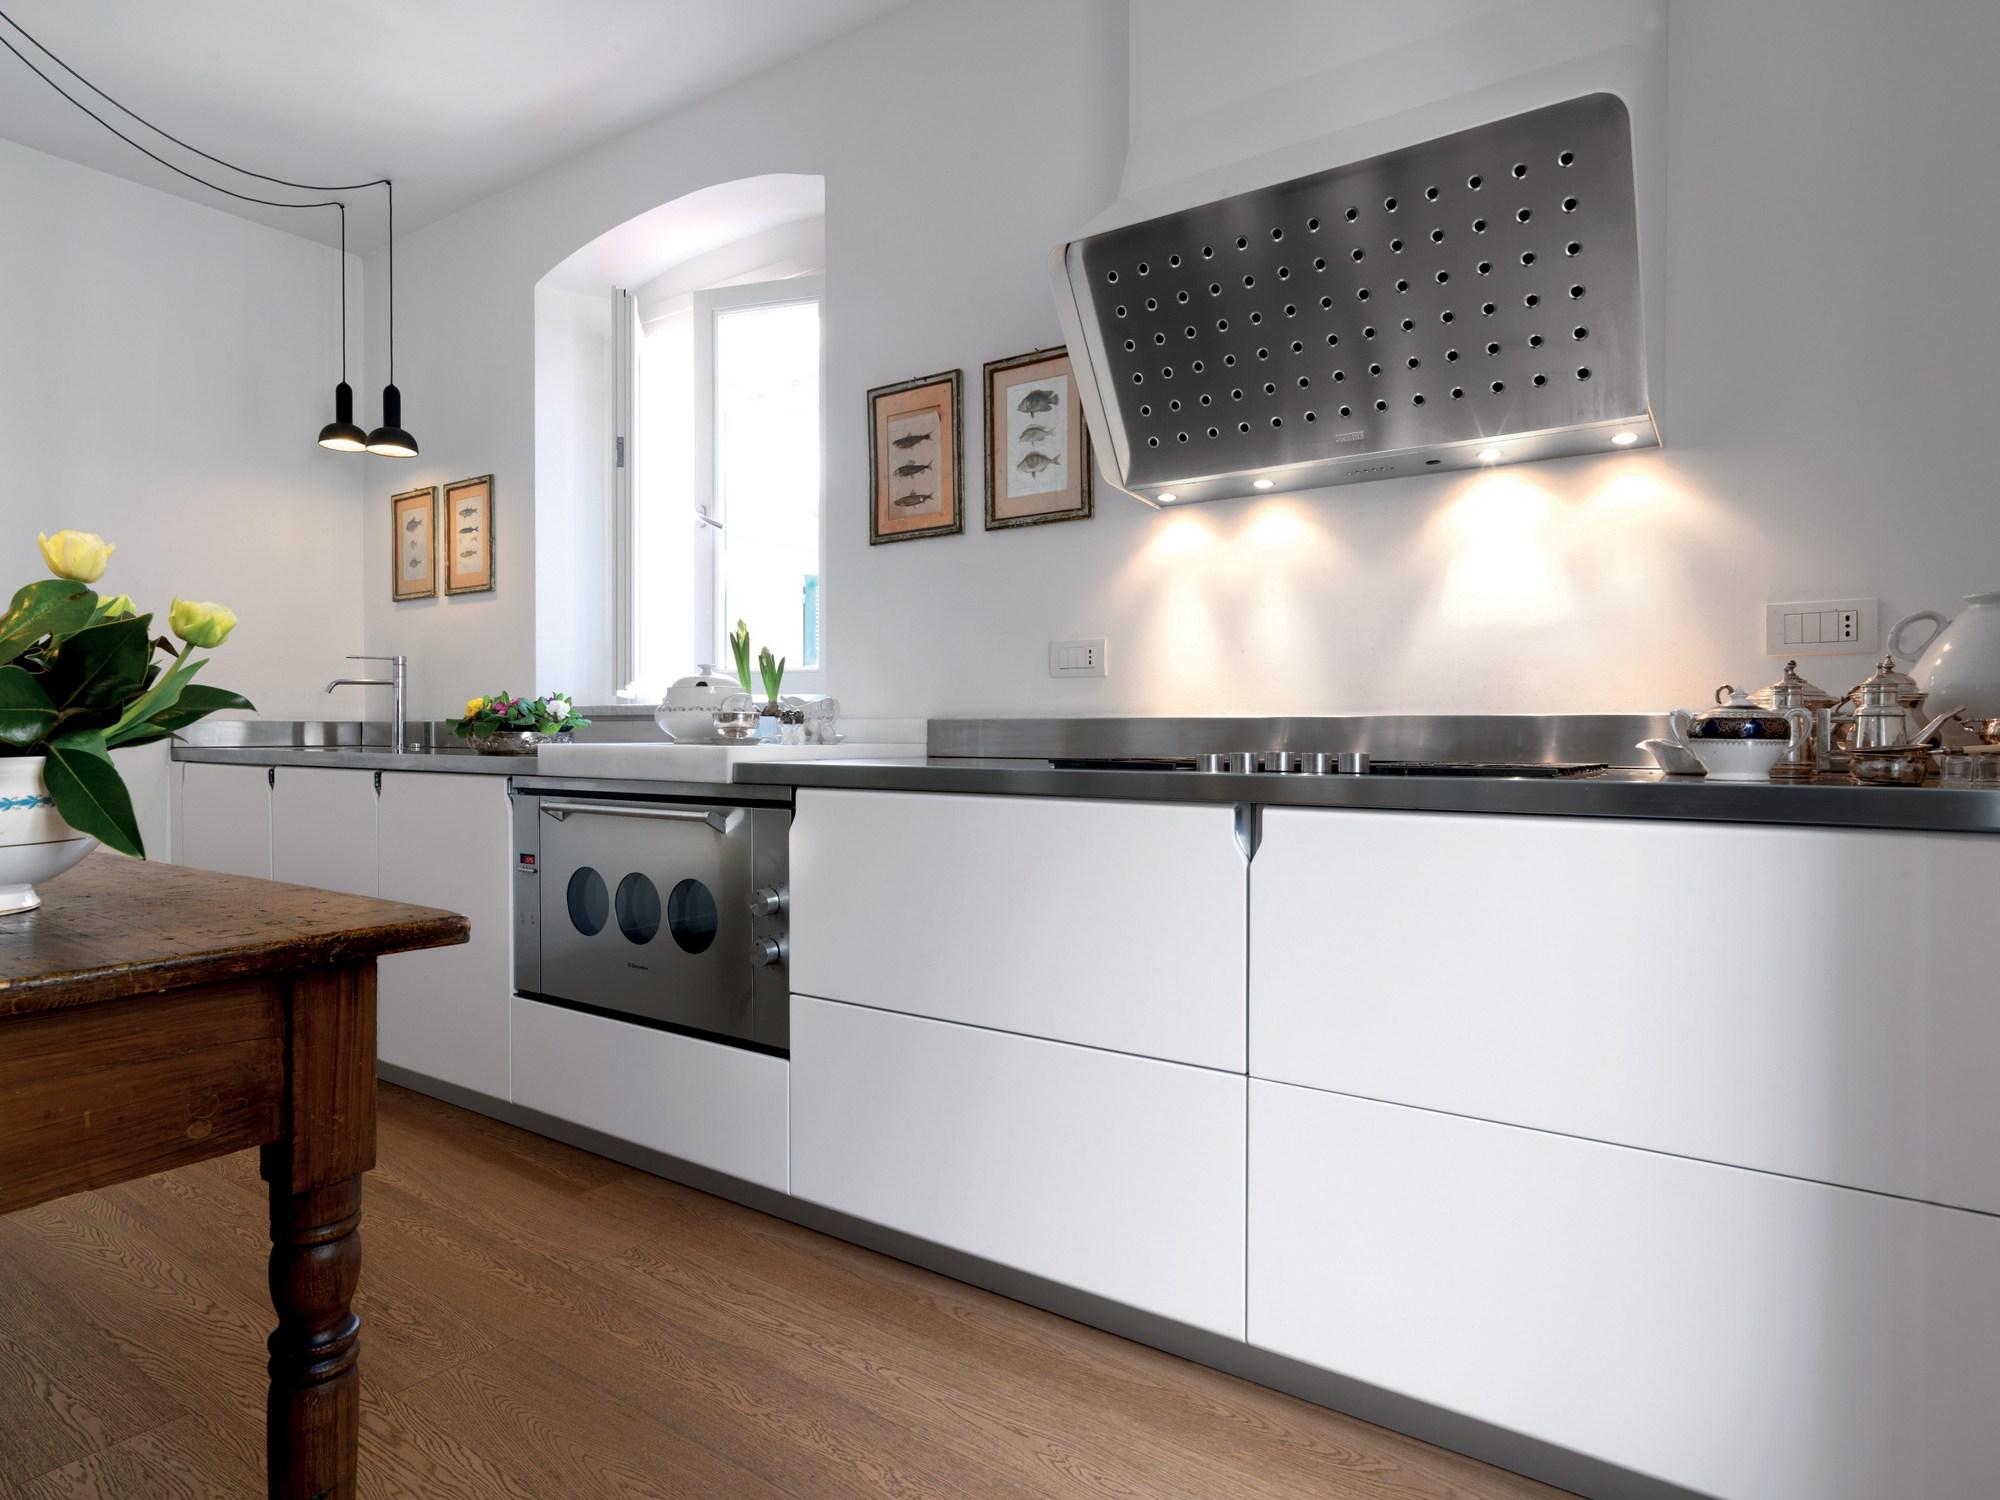 cucina cina di schiffini design vico magistretti - arredamento ... - Cucine Schiffini Prezzi